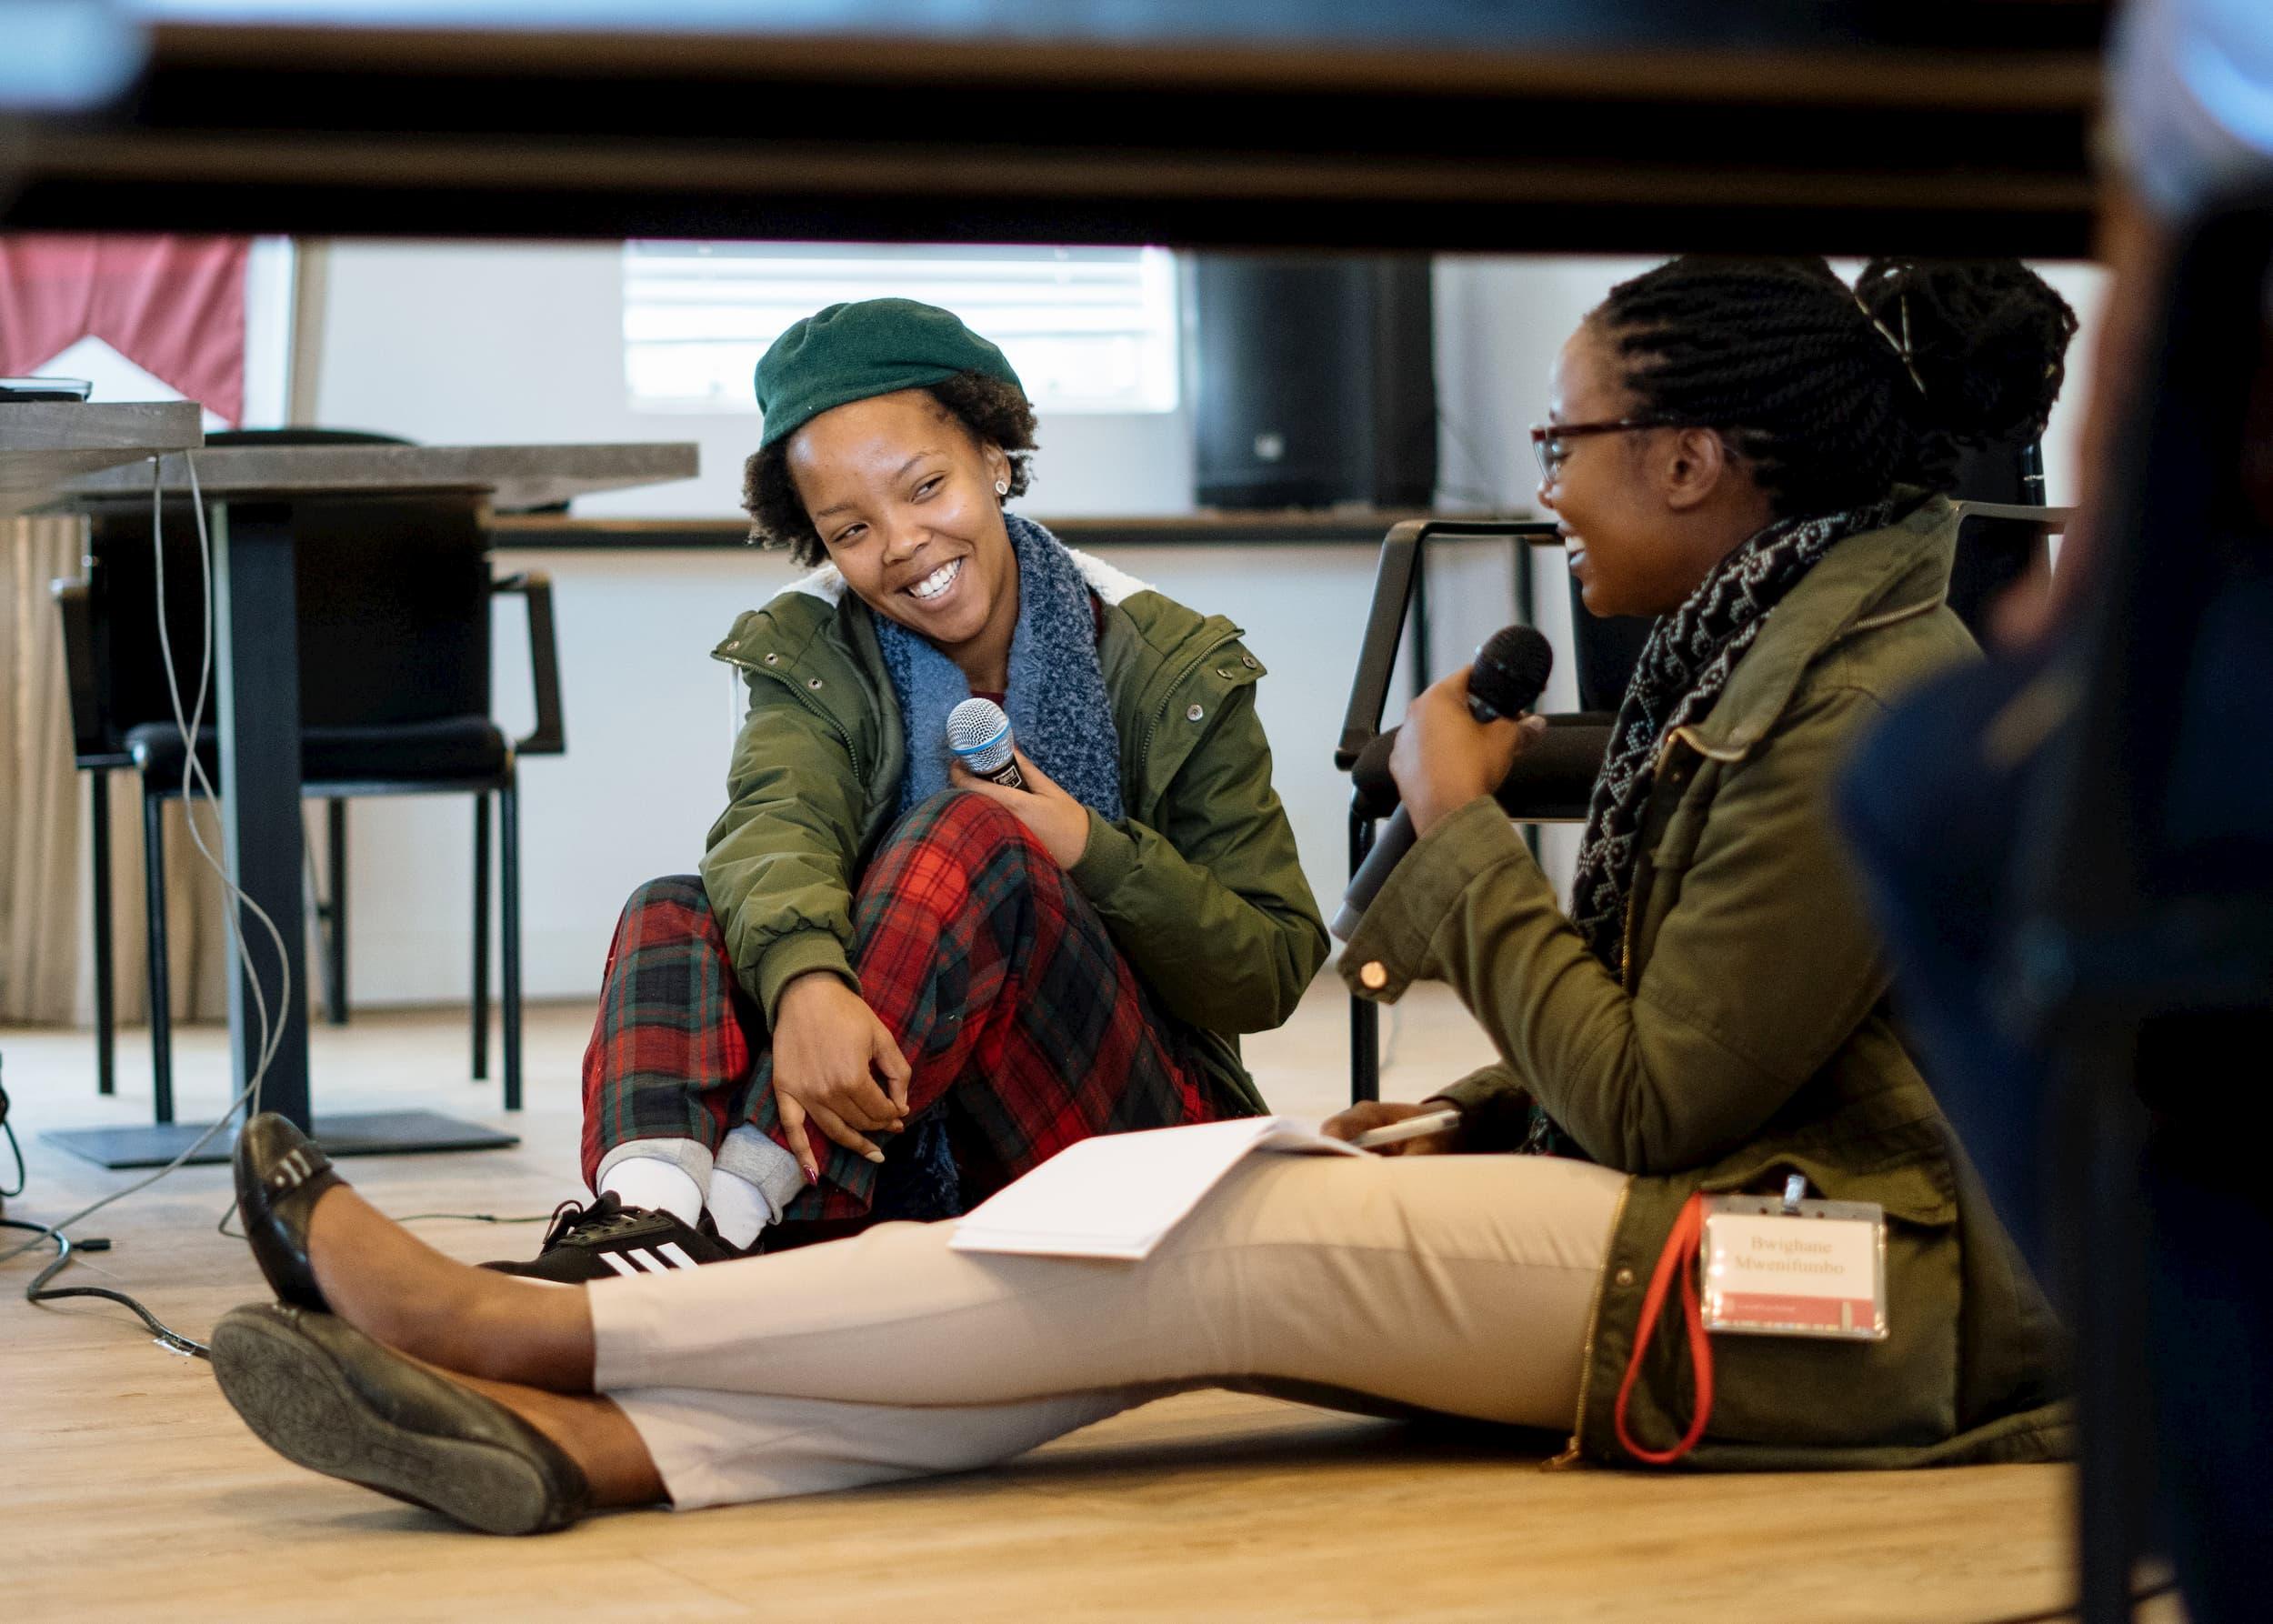 Deux femmes en vestes vertes sont assises par terre et se parlent dans des microphones.